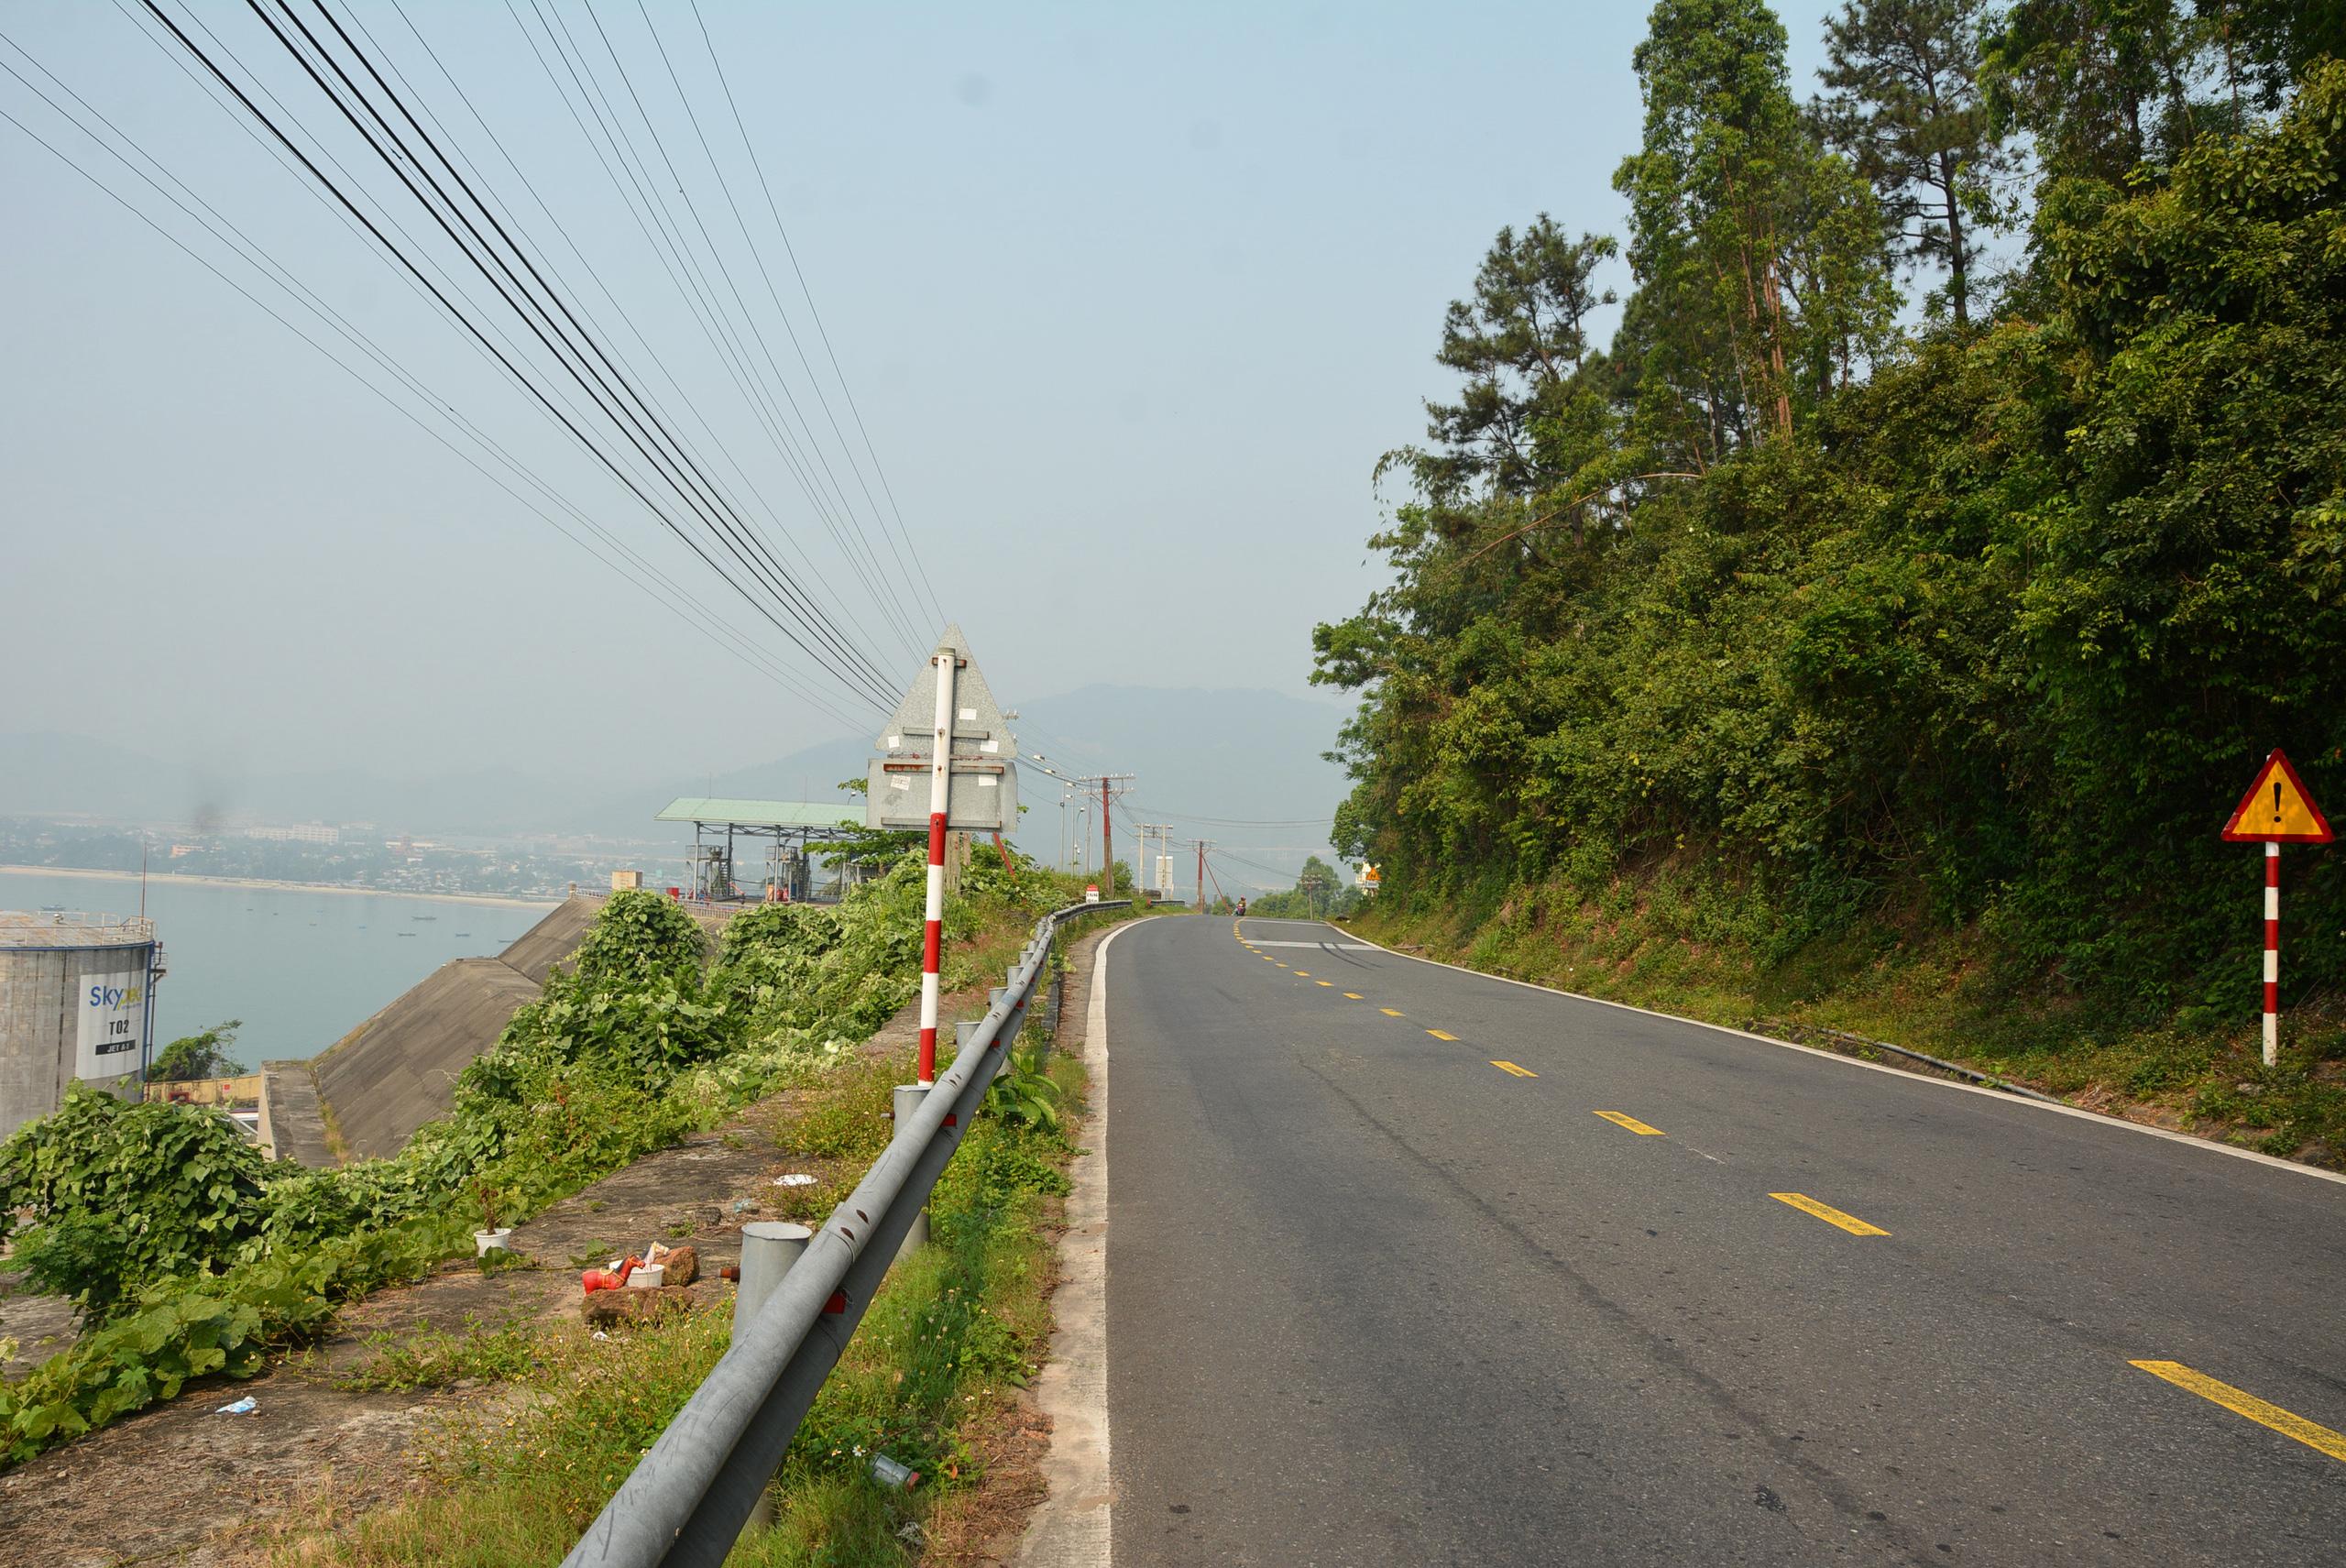 Từ vị trí dự án Làng Vân cách trung tâm TP Đà Nẵng khoảng 12 km, UBND quận Liên Chiểu khoảng 8 km; khu vực dự kiến triển khai Cảng Liên Chiểu 2 km.